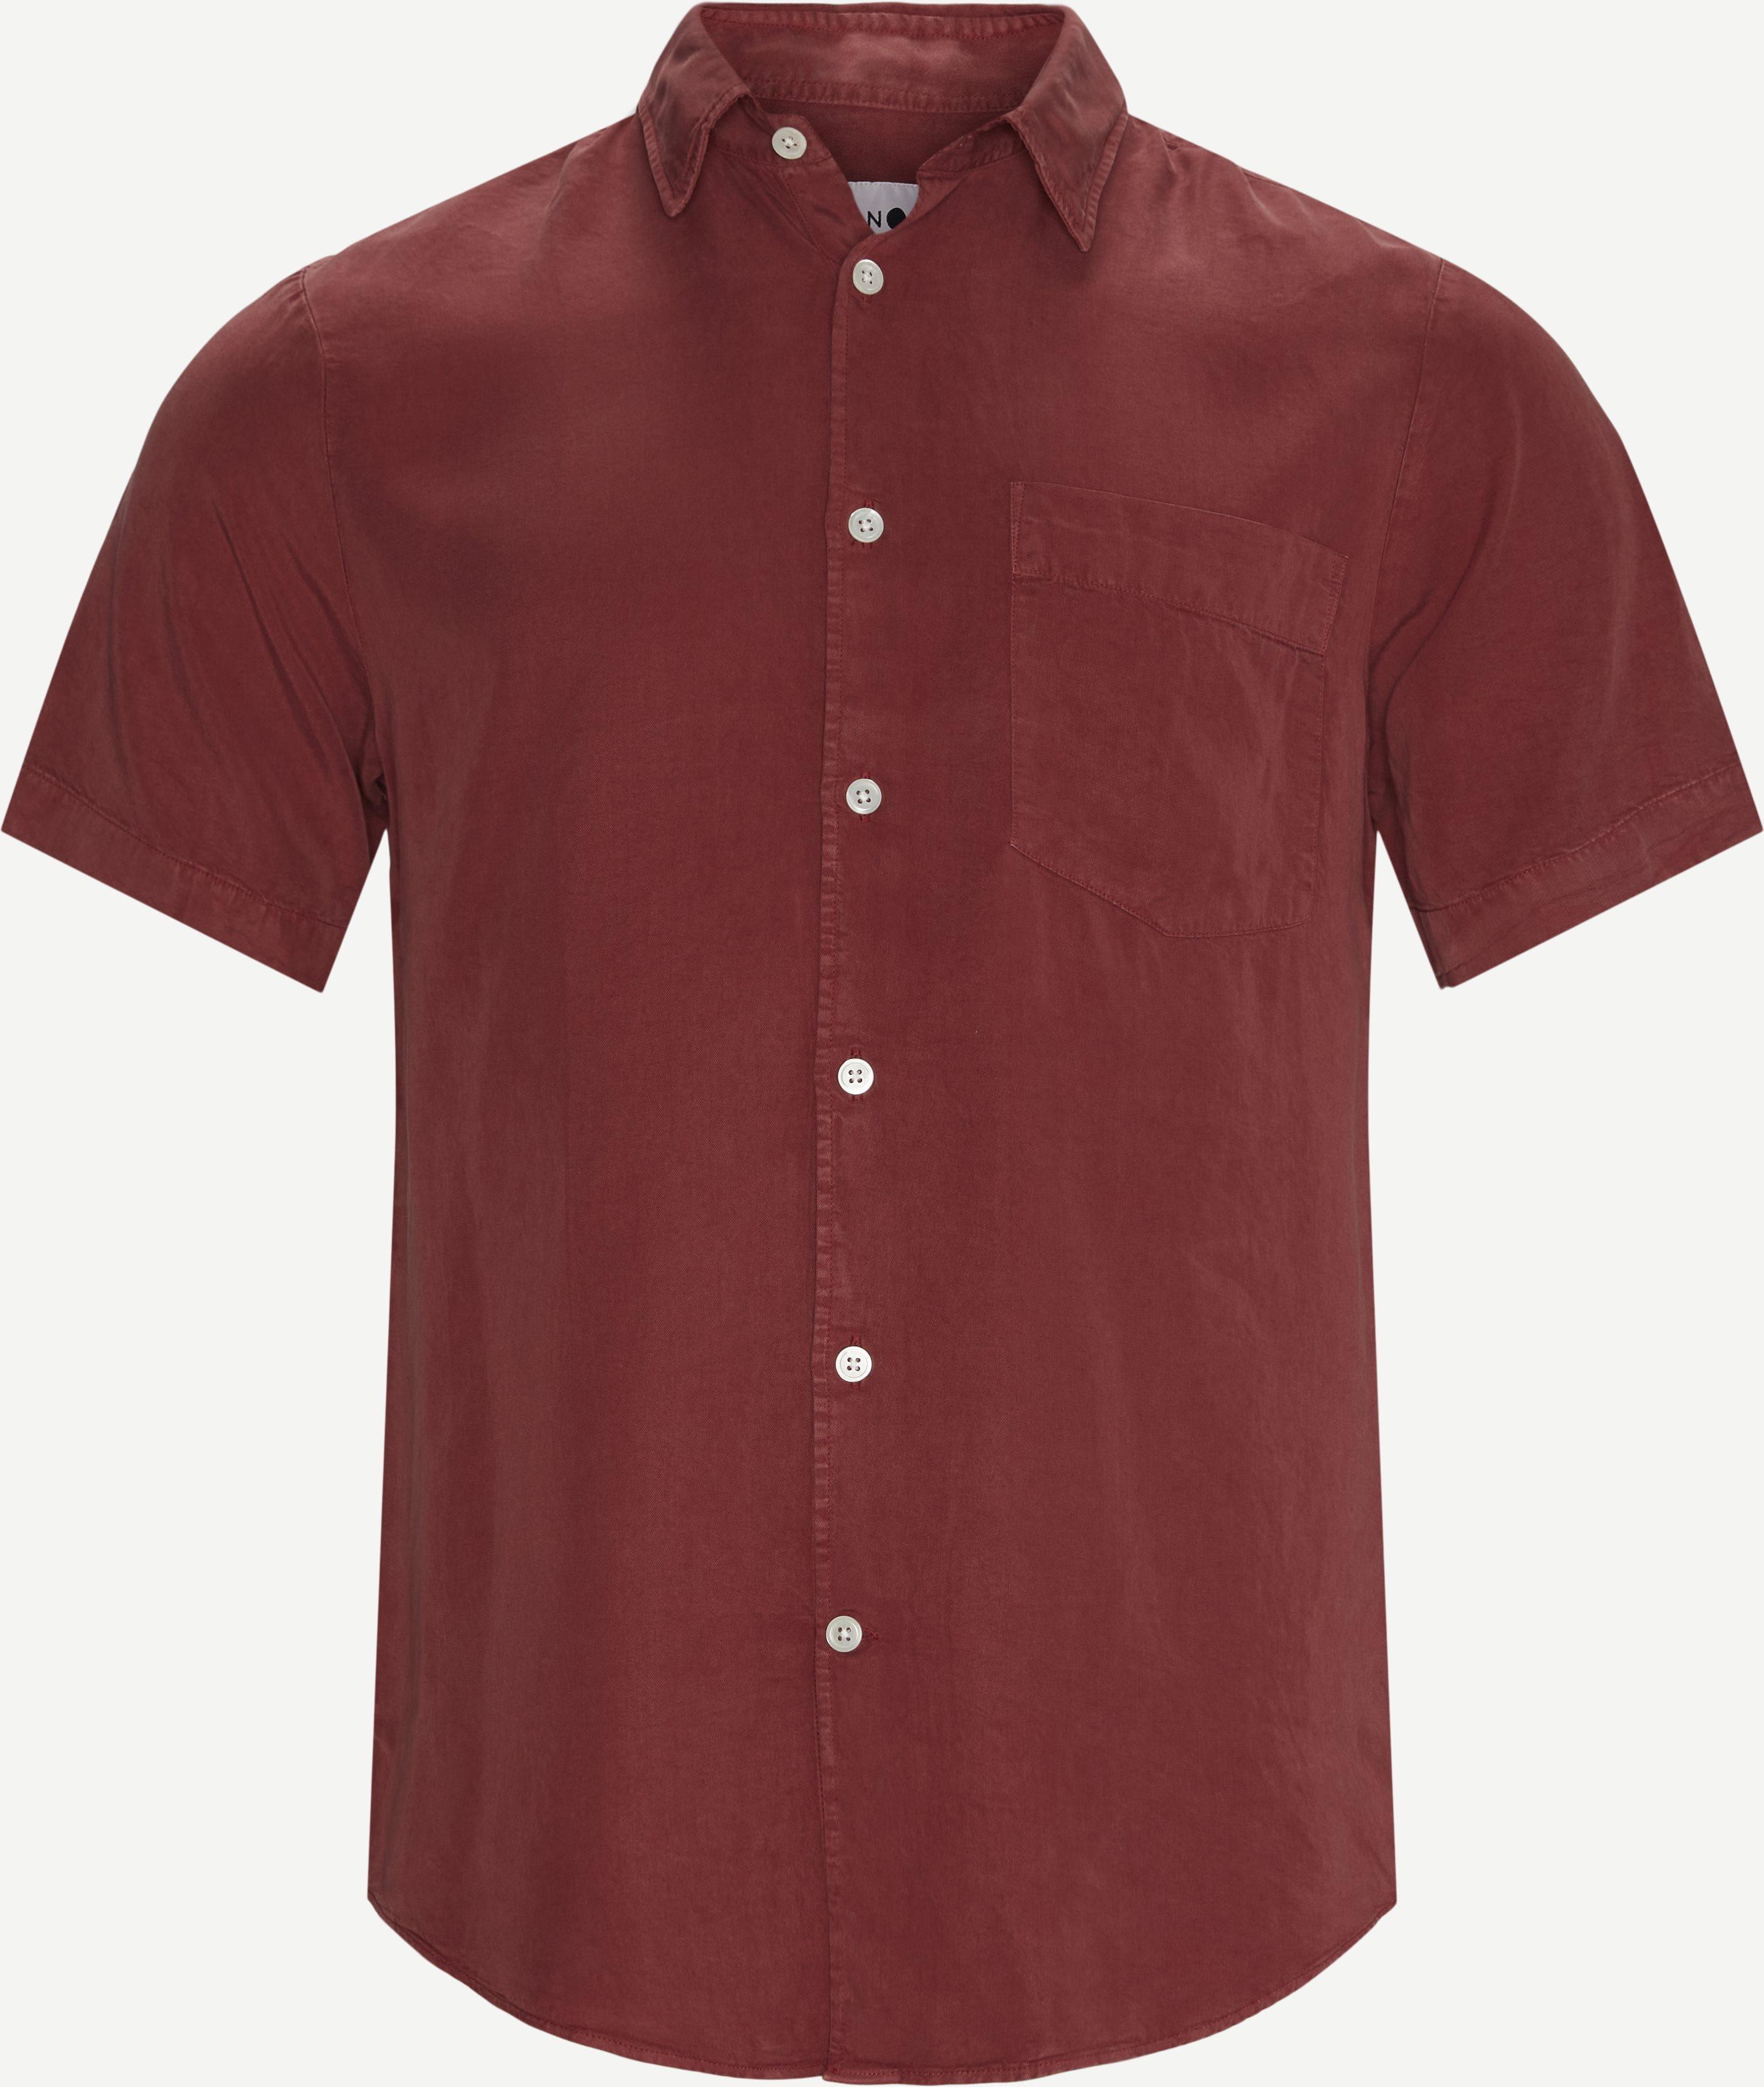 Errico K/Æ Skjorte - Kortärmade skjortor - Regular - Röd